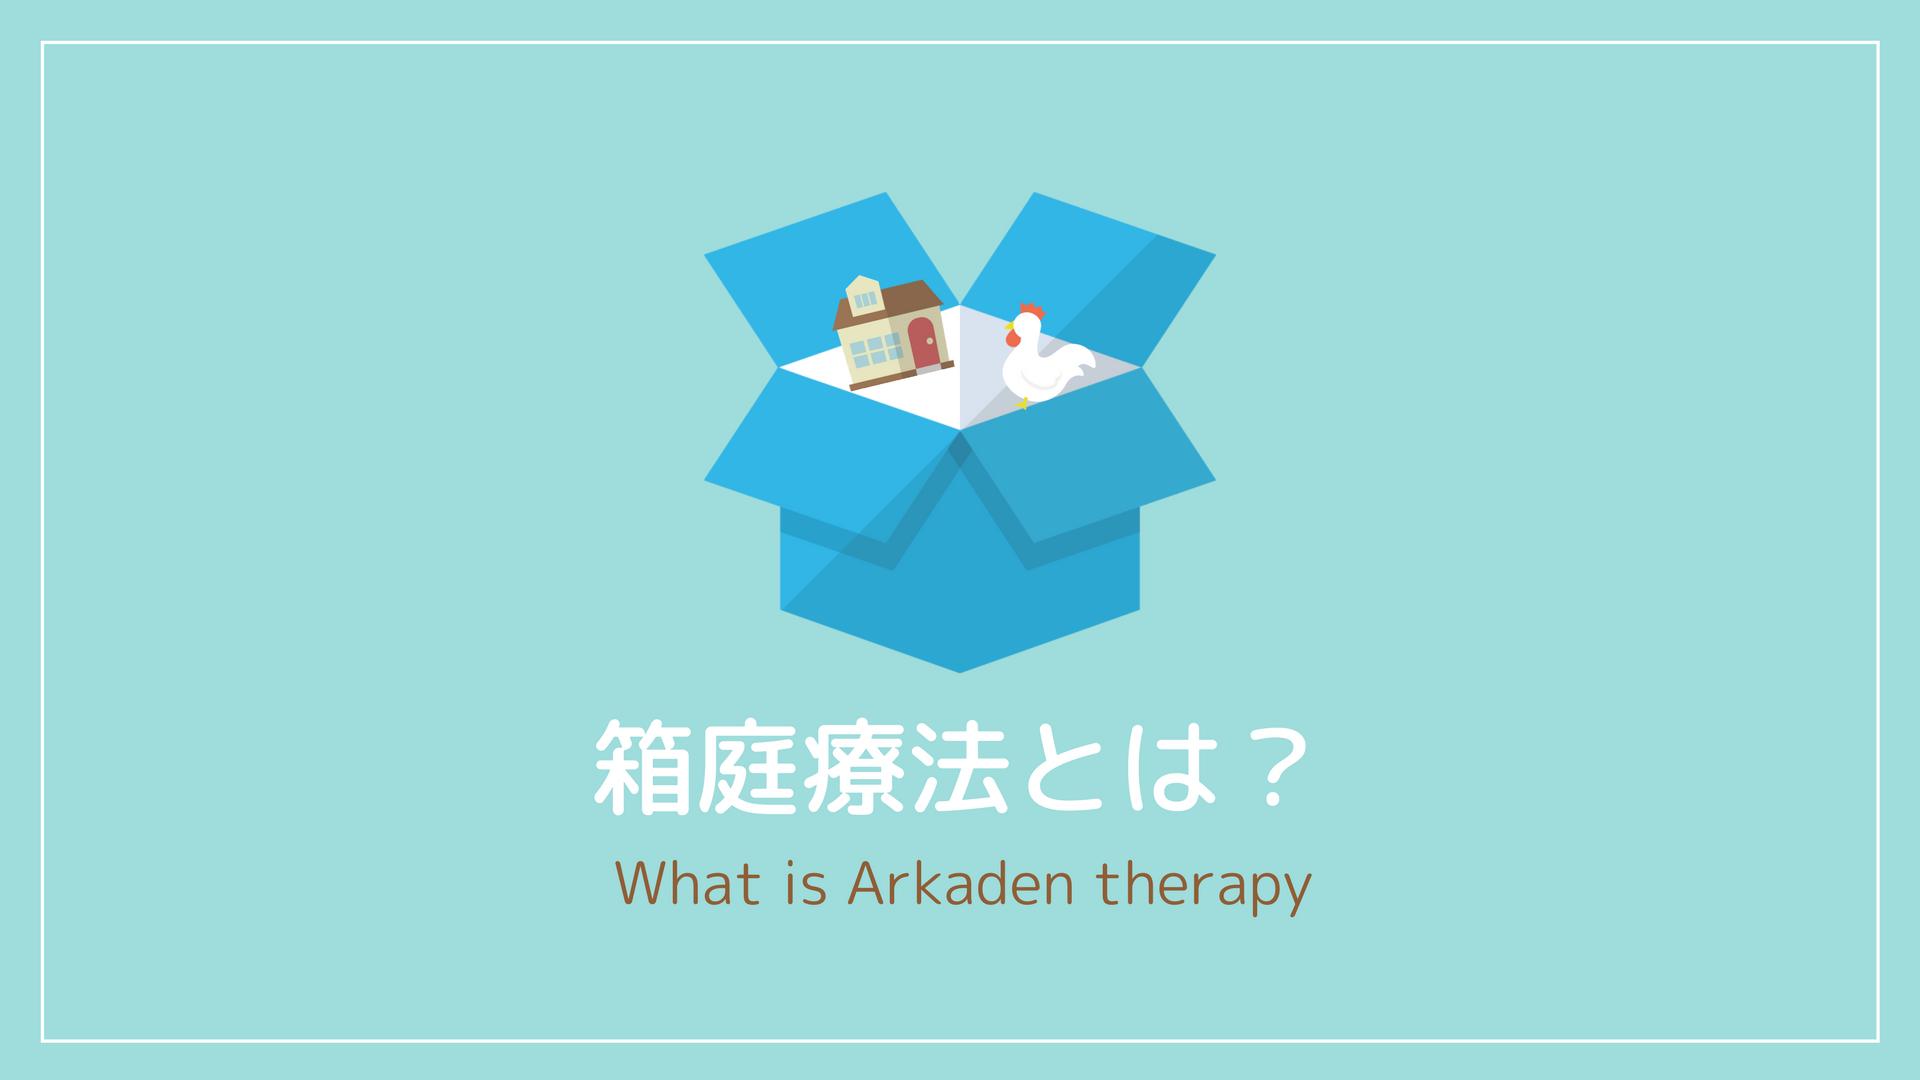 【箱庭療法とは】言葉にならないこころを表現し、成長や理解につながる心理療法